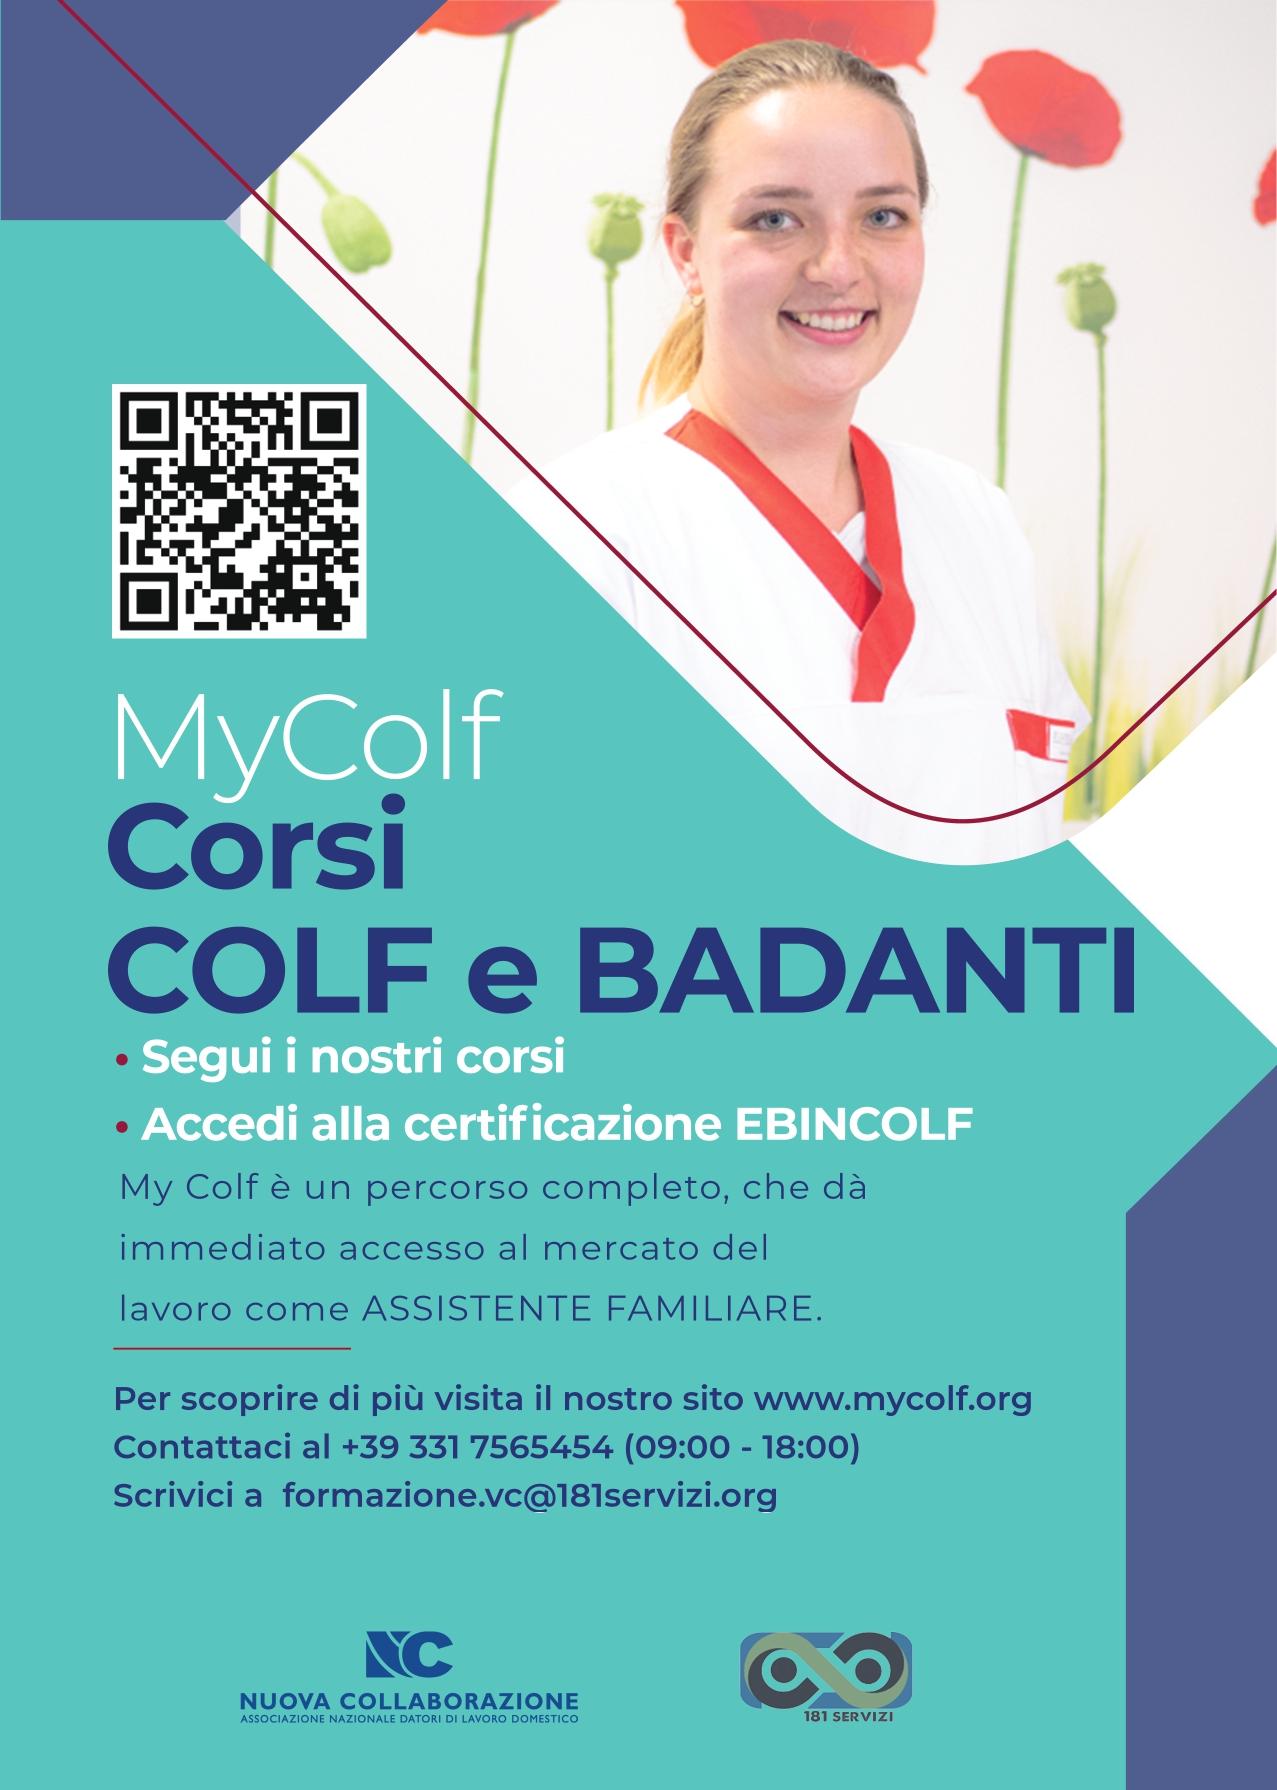 Corso Colf e Badanti  - Vercelli